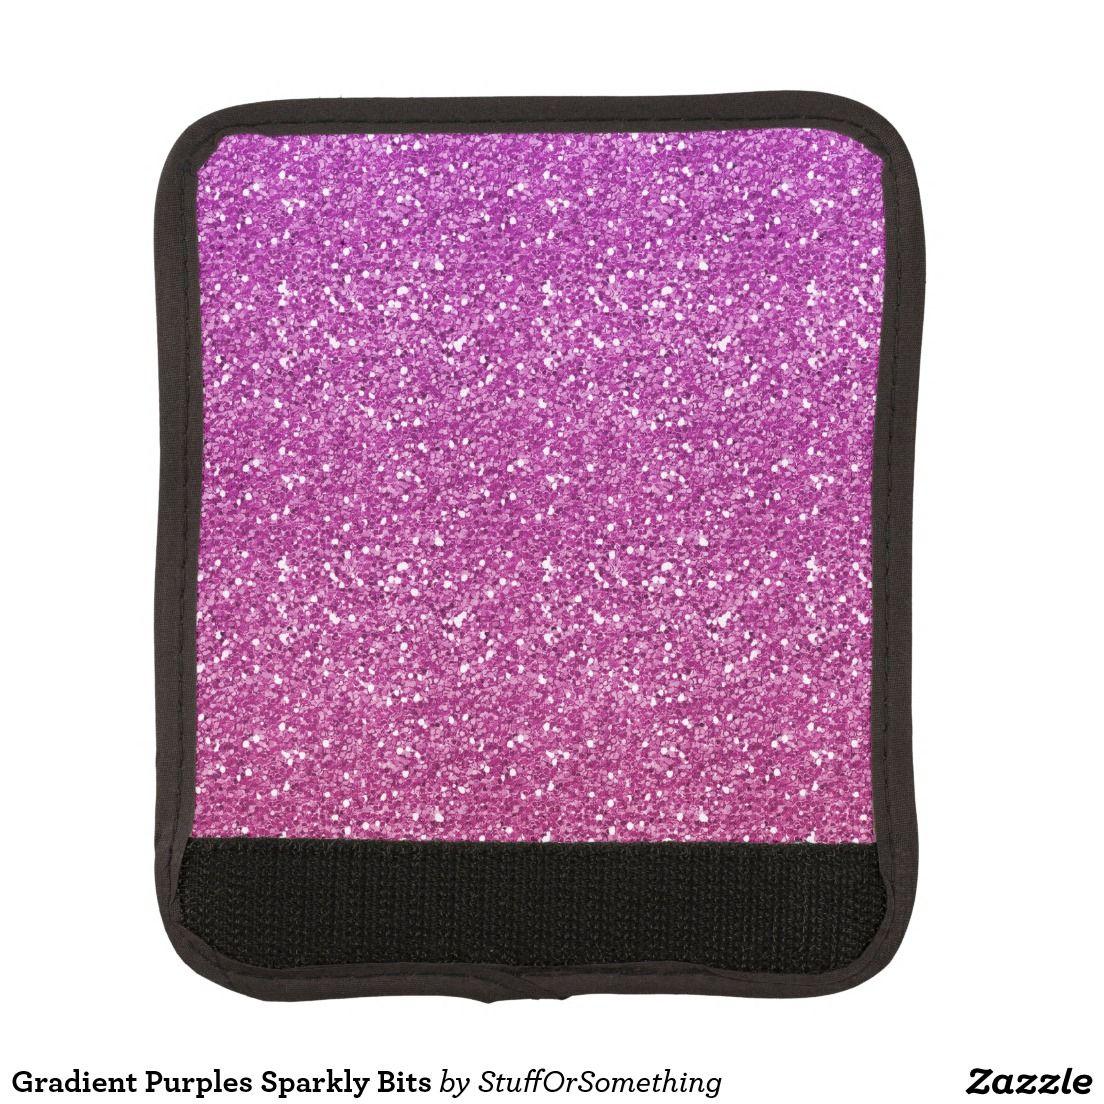 Gradient Purples Sparkly Bits Handle Wrap